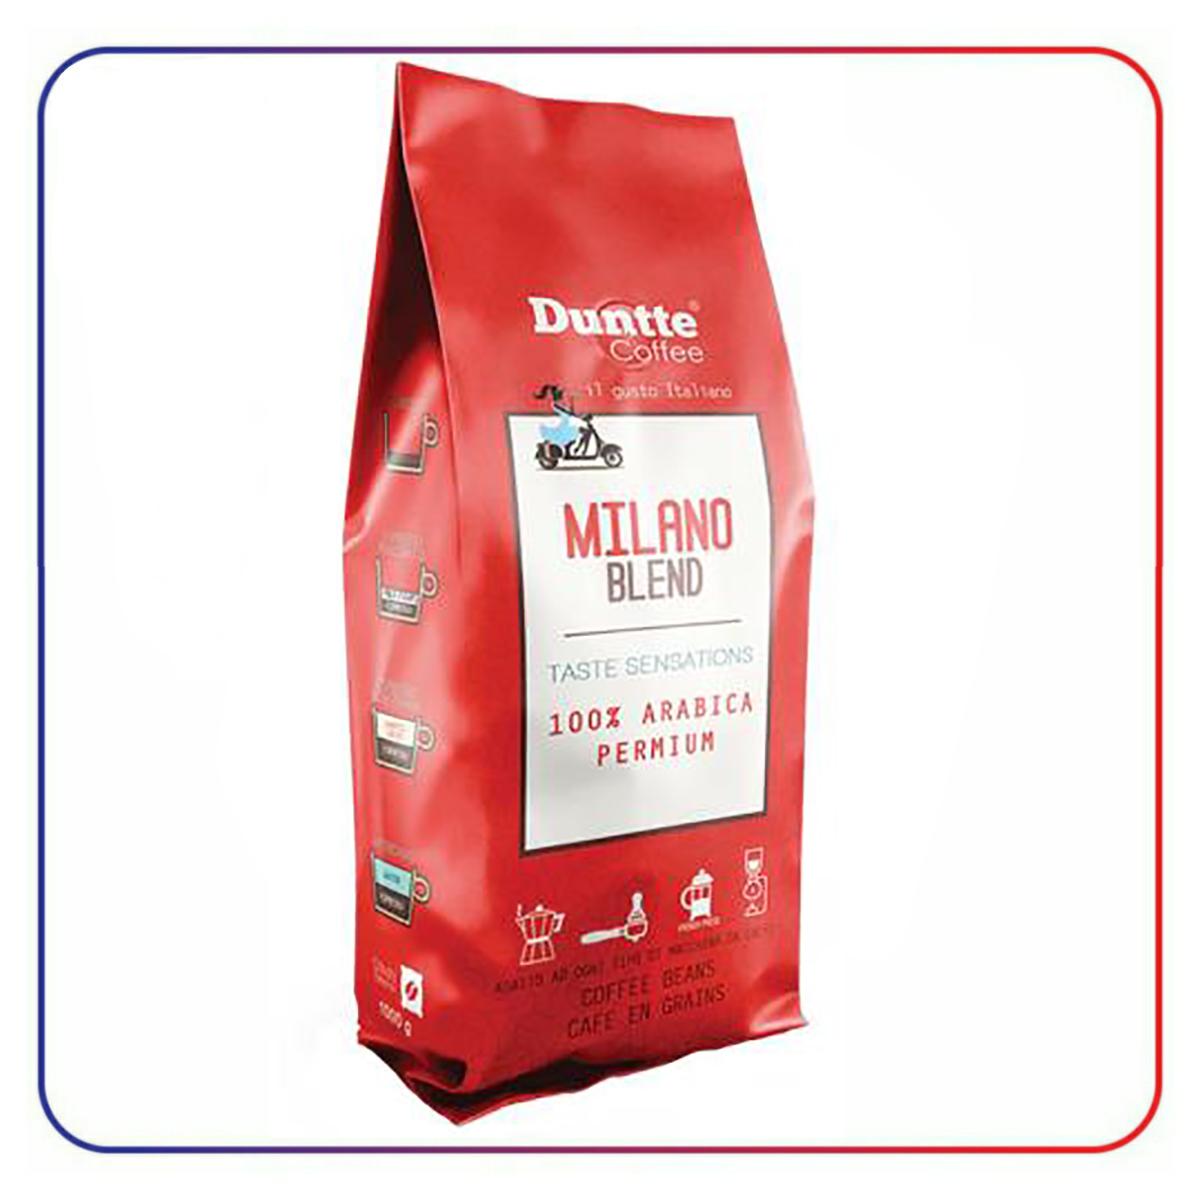 دانه قهوه دانته میلانو DUNTTE MILANO